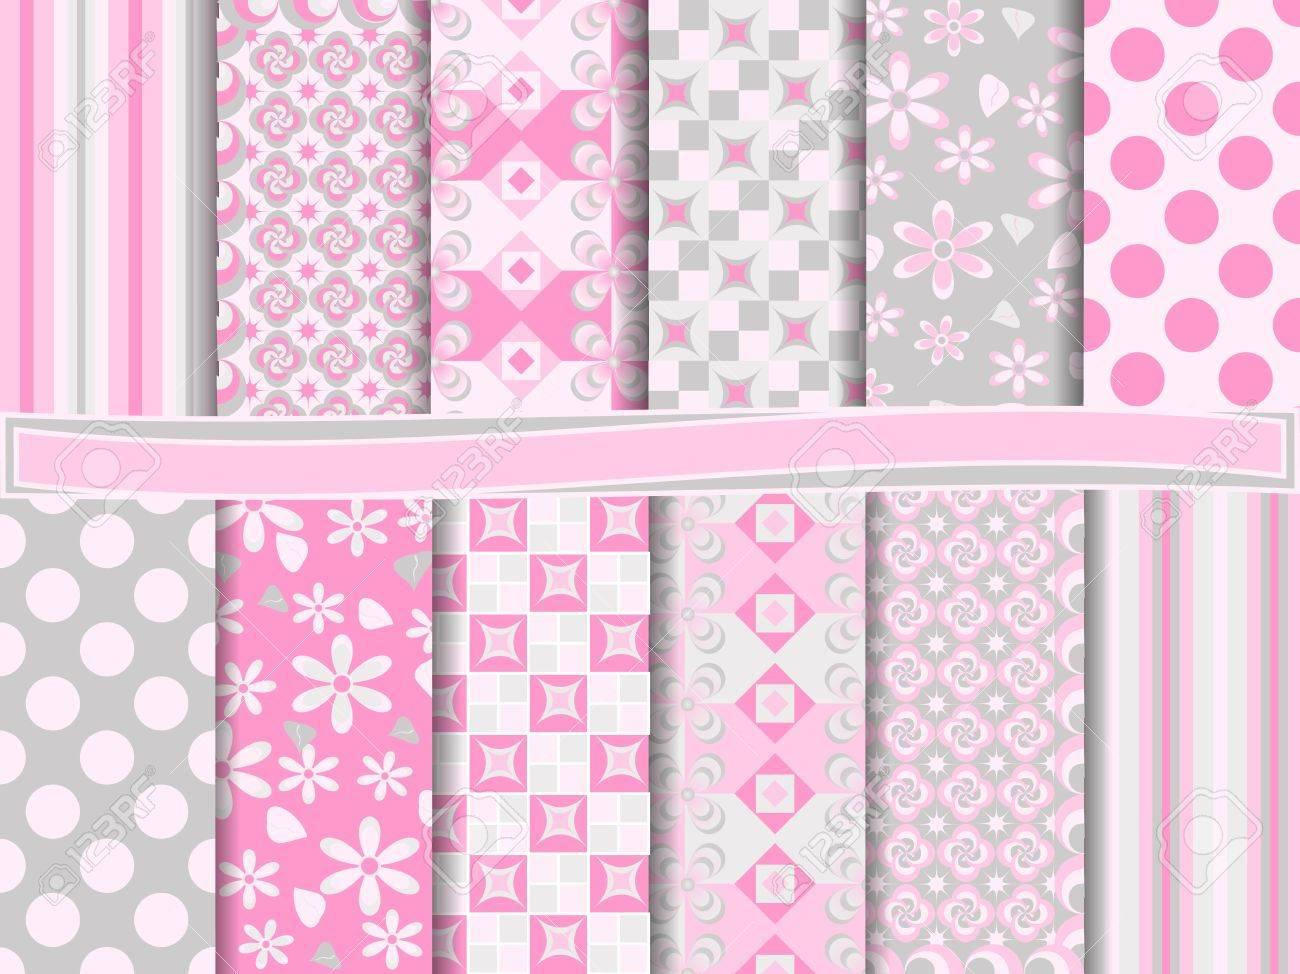 Scrapbook paper as wallpaper - Abstract Set Of Scrapbook Paper Stock Vector 14028355